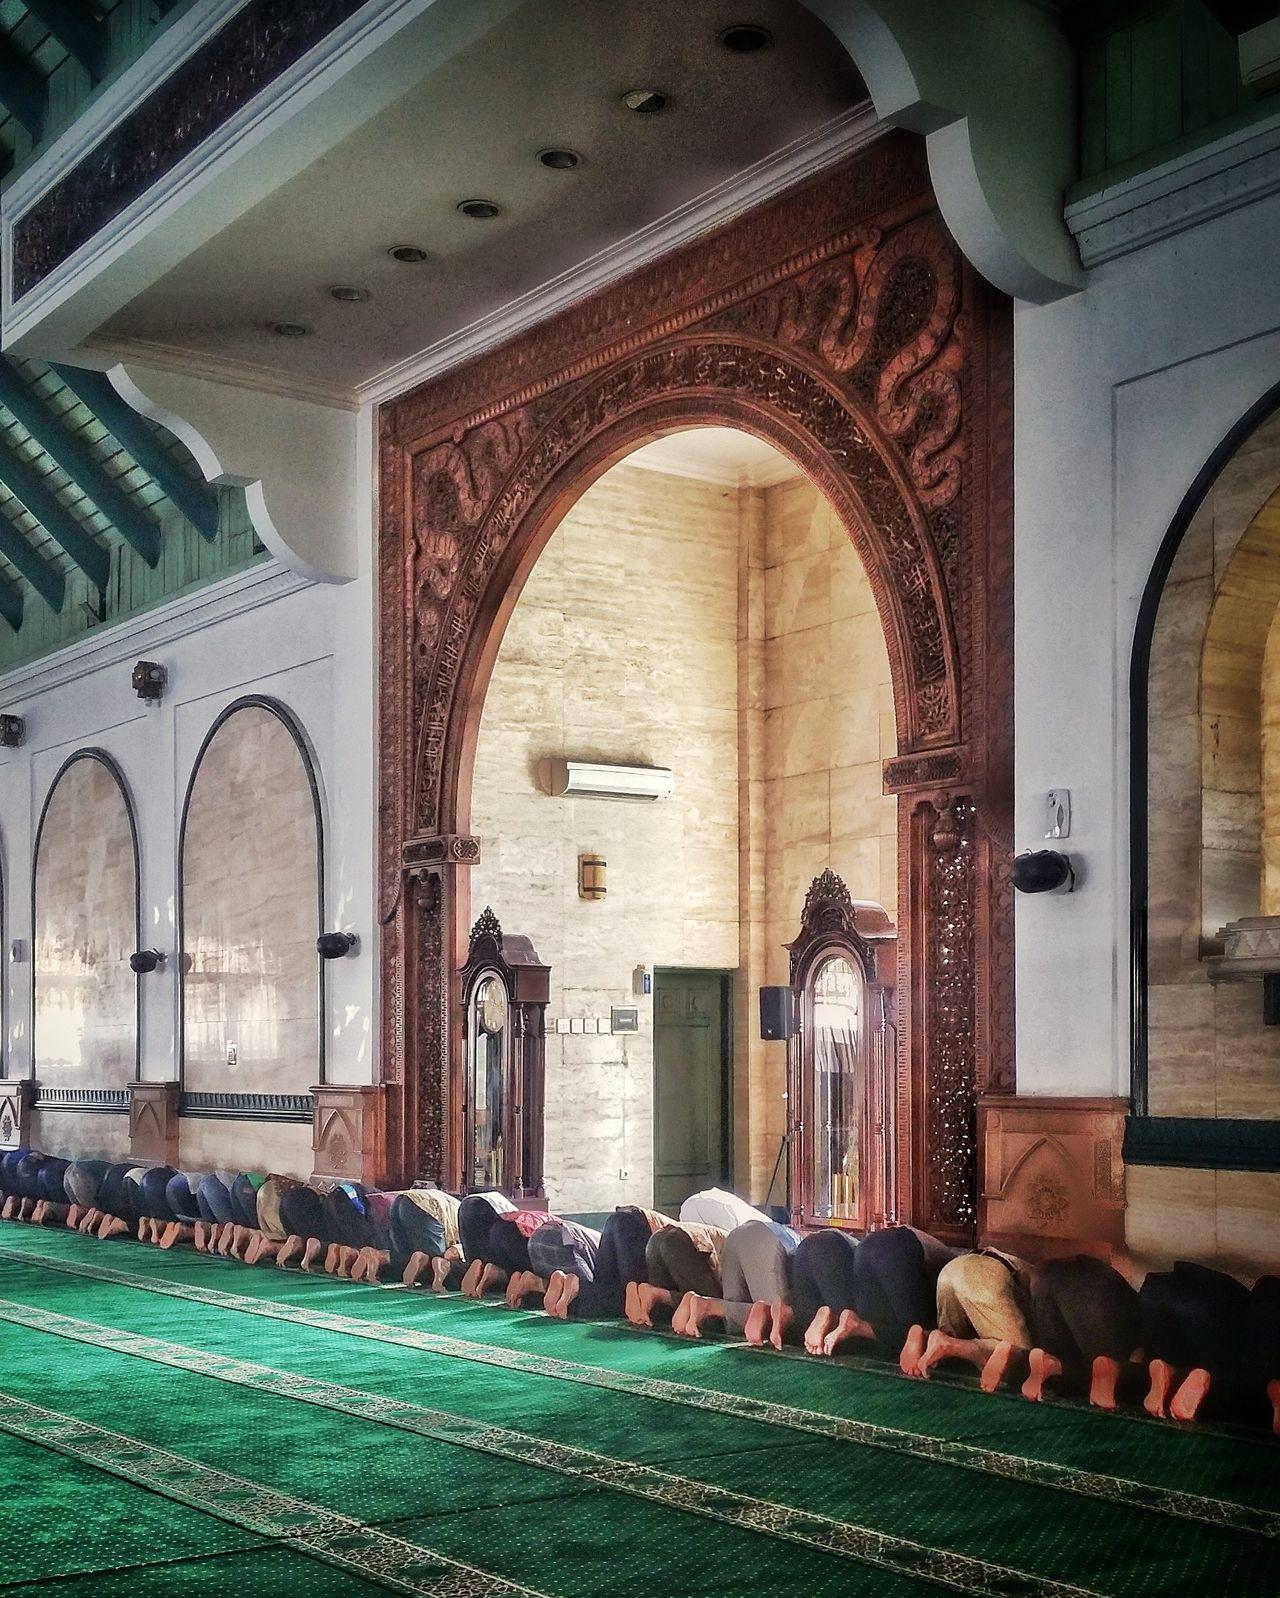 Pray Mosque Masjidagungjawatengah Placeofworship Semarang Jawatengah Architecture Indonesia_photography Travel